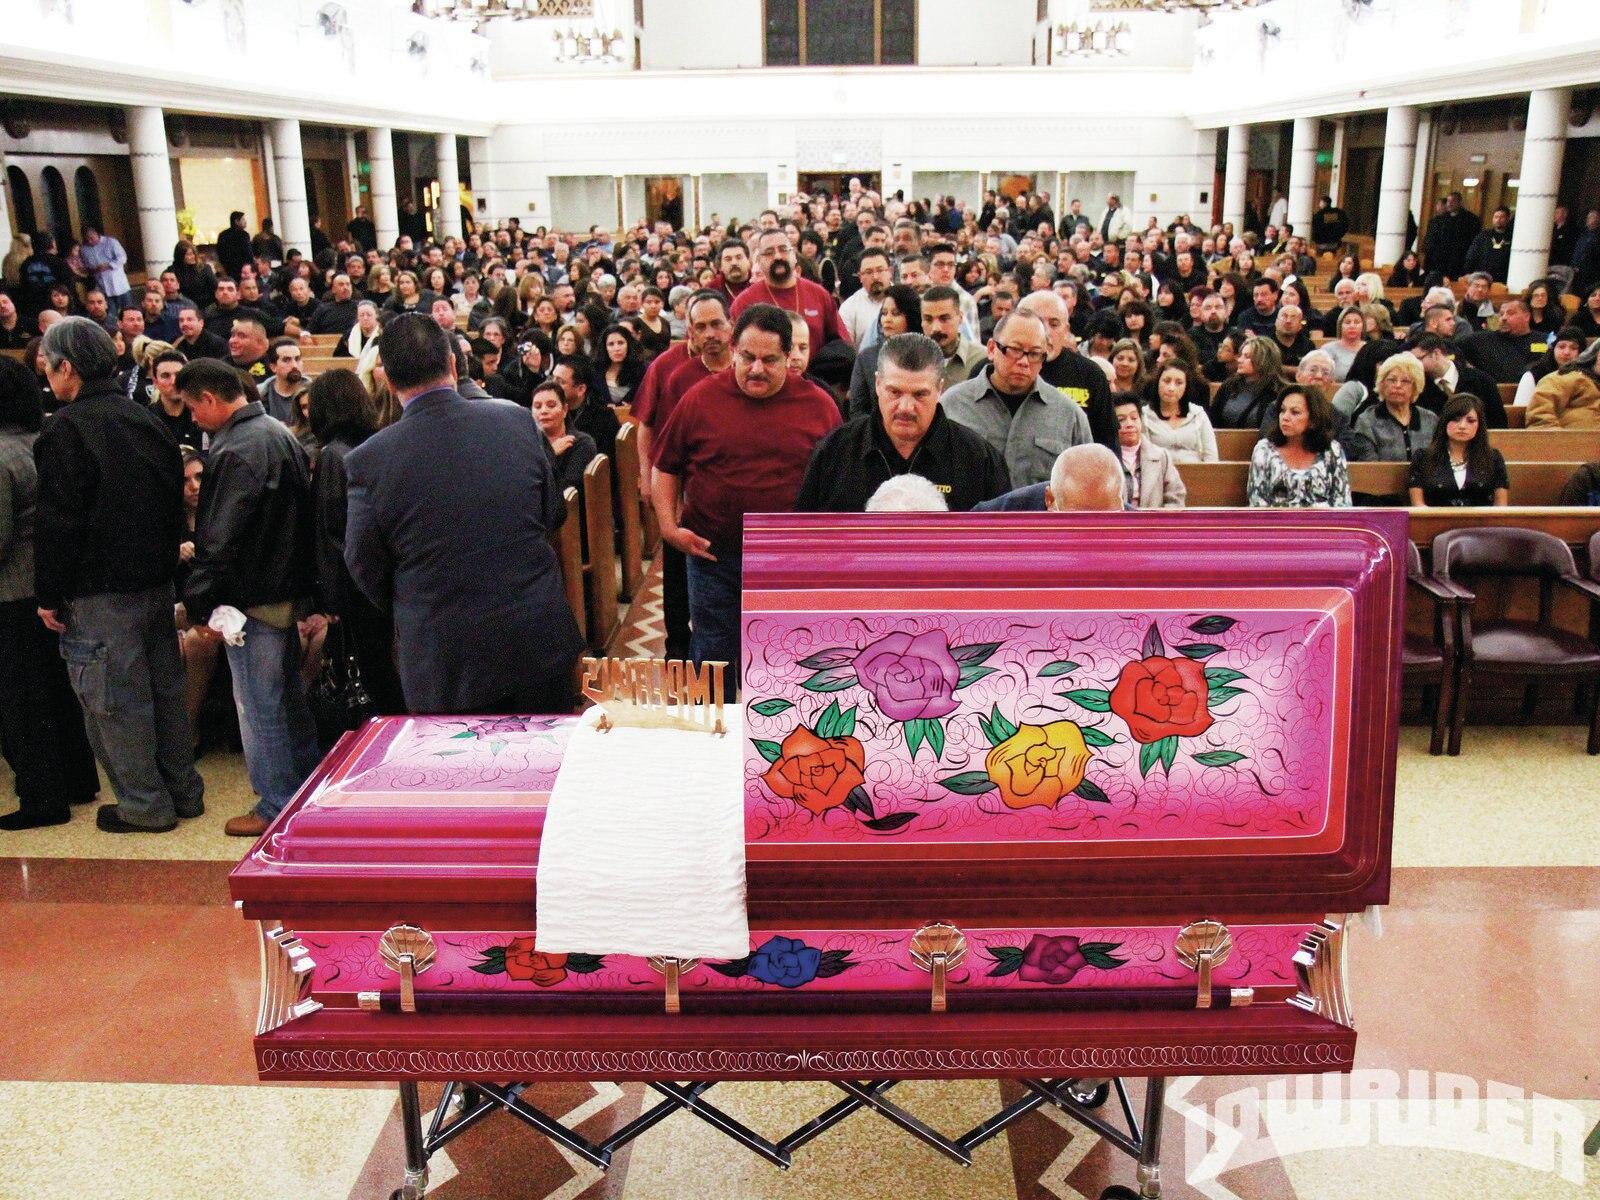 lrmp_1106_01_z-mr_imperial_tribute-casket3